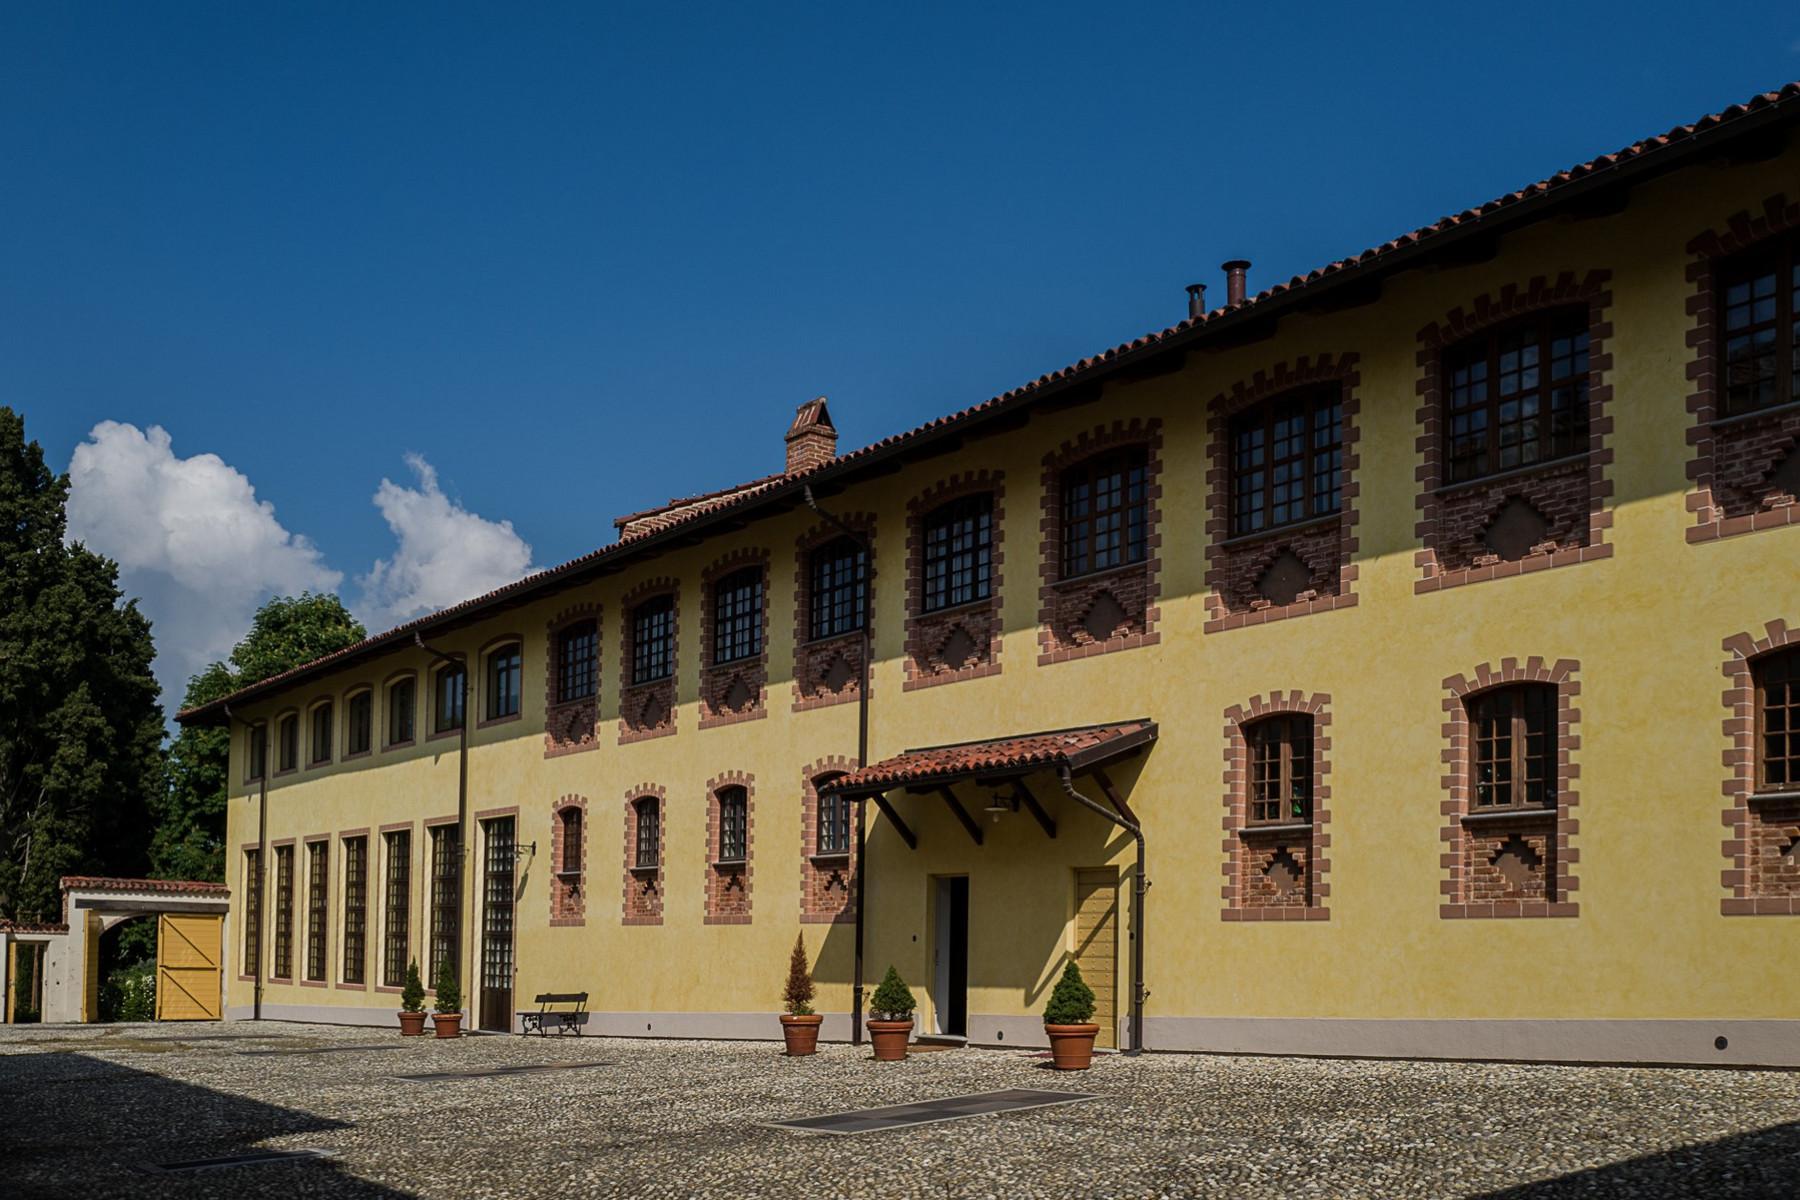 位于d'epoca a Chieri小镇历史悠久别墅内的奢华公寓 - 1